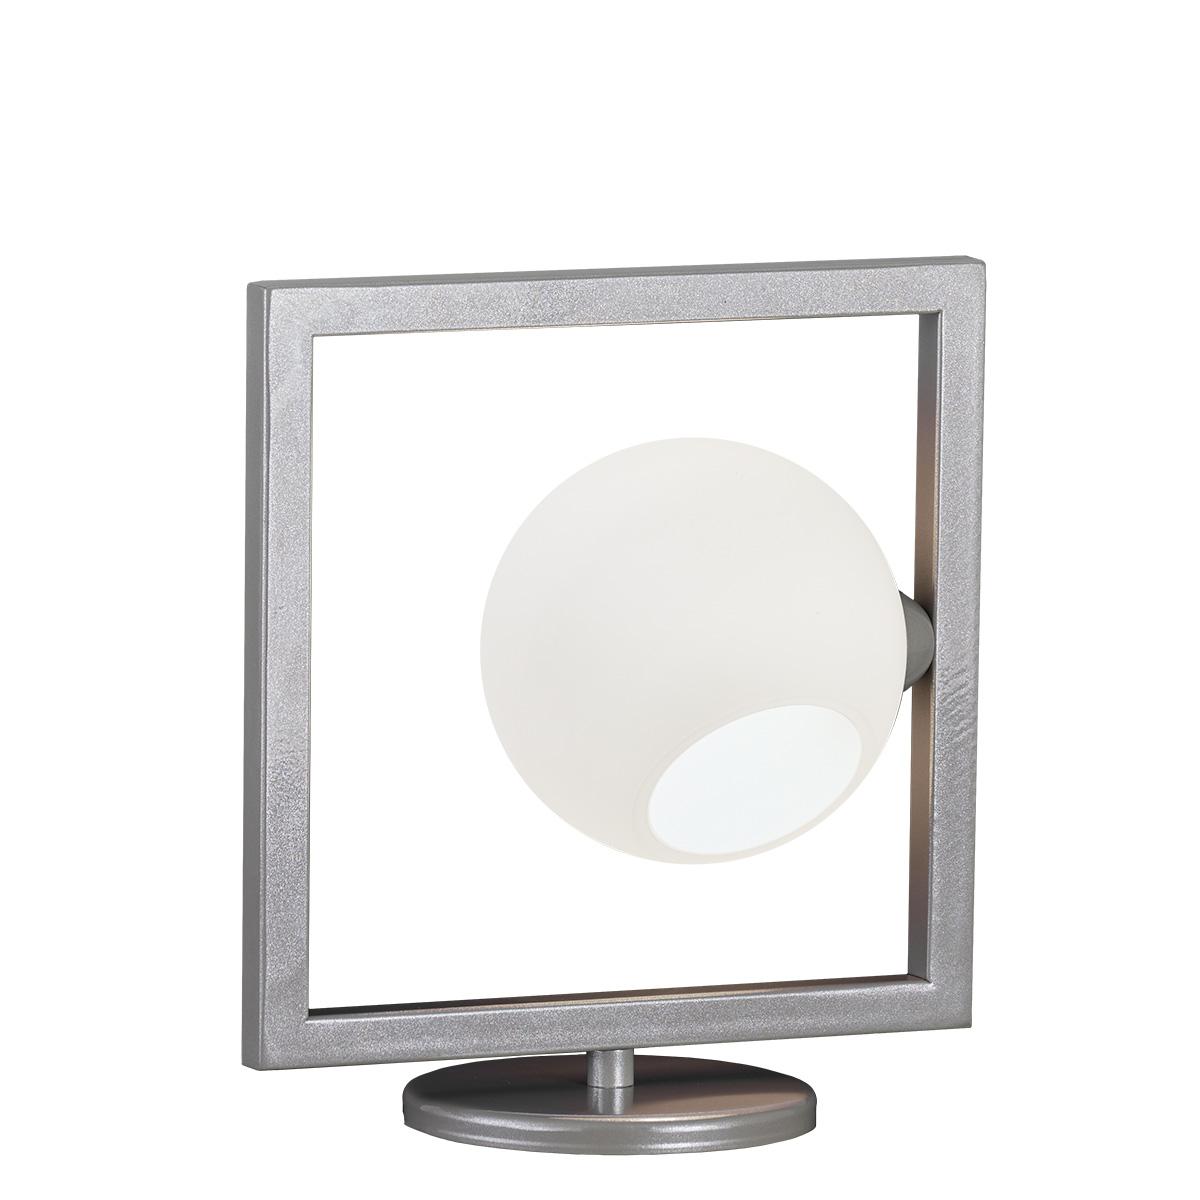 Μοντέρνο πορτατίφ Μουράνο ΜΠΑΛΕΣ modern table lamp with Murano glass